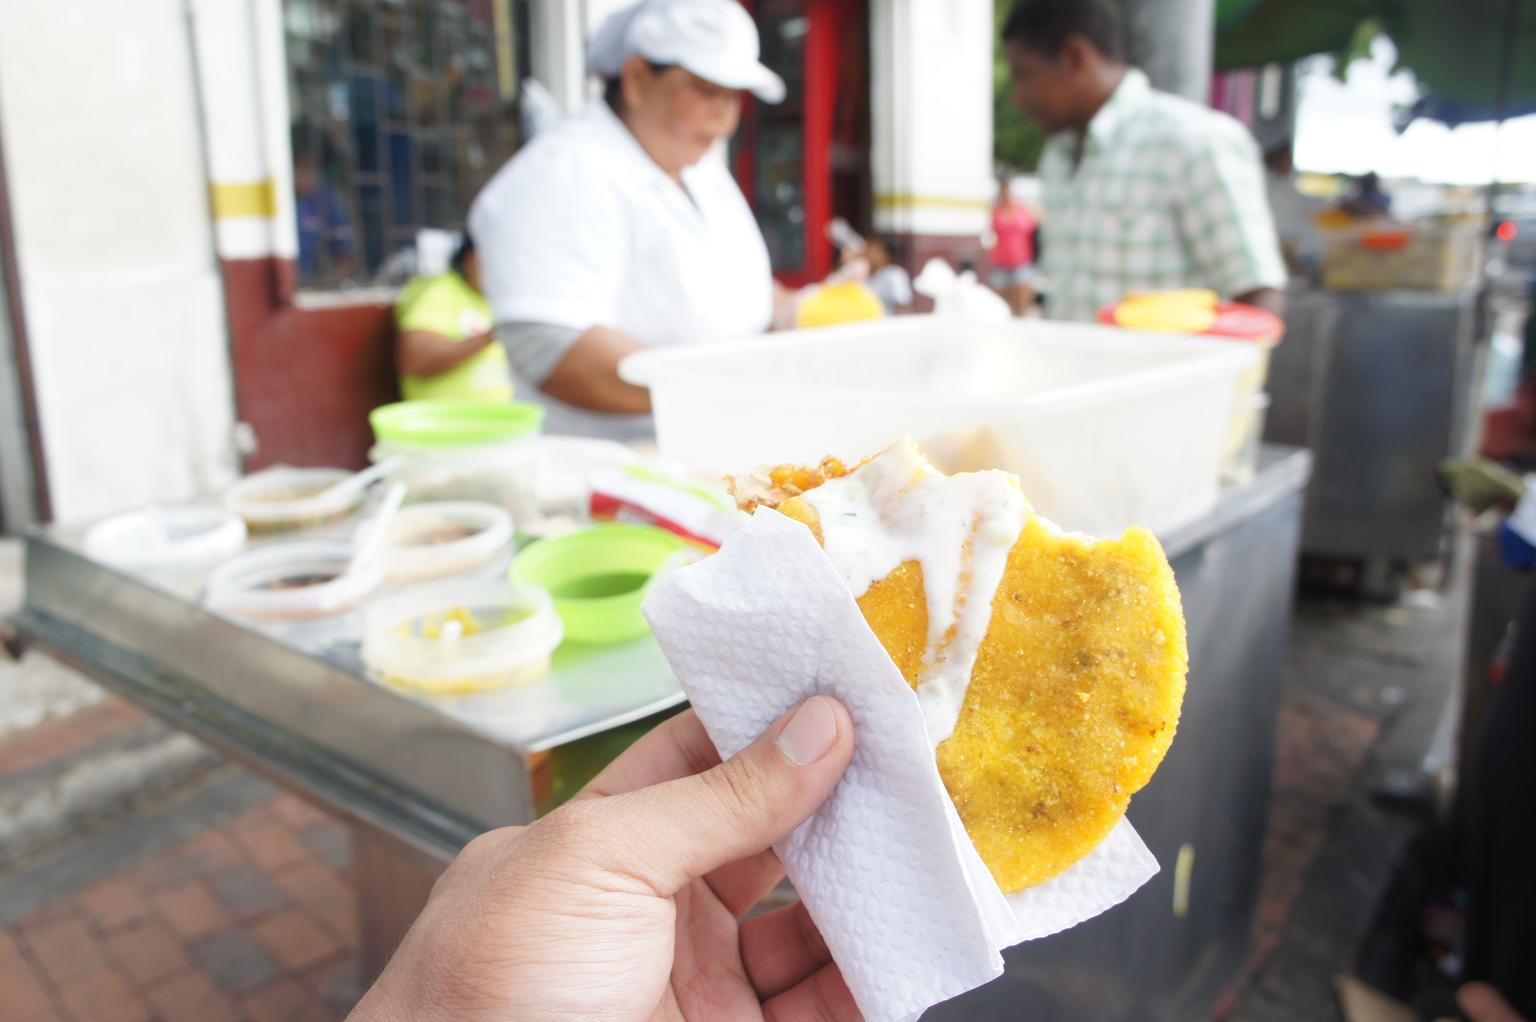 MÁS FOTOS, Bites of Cartagena